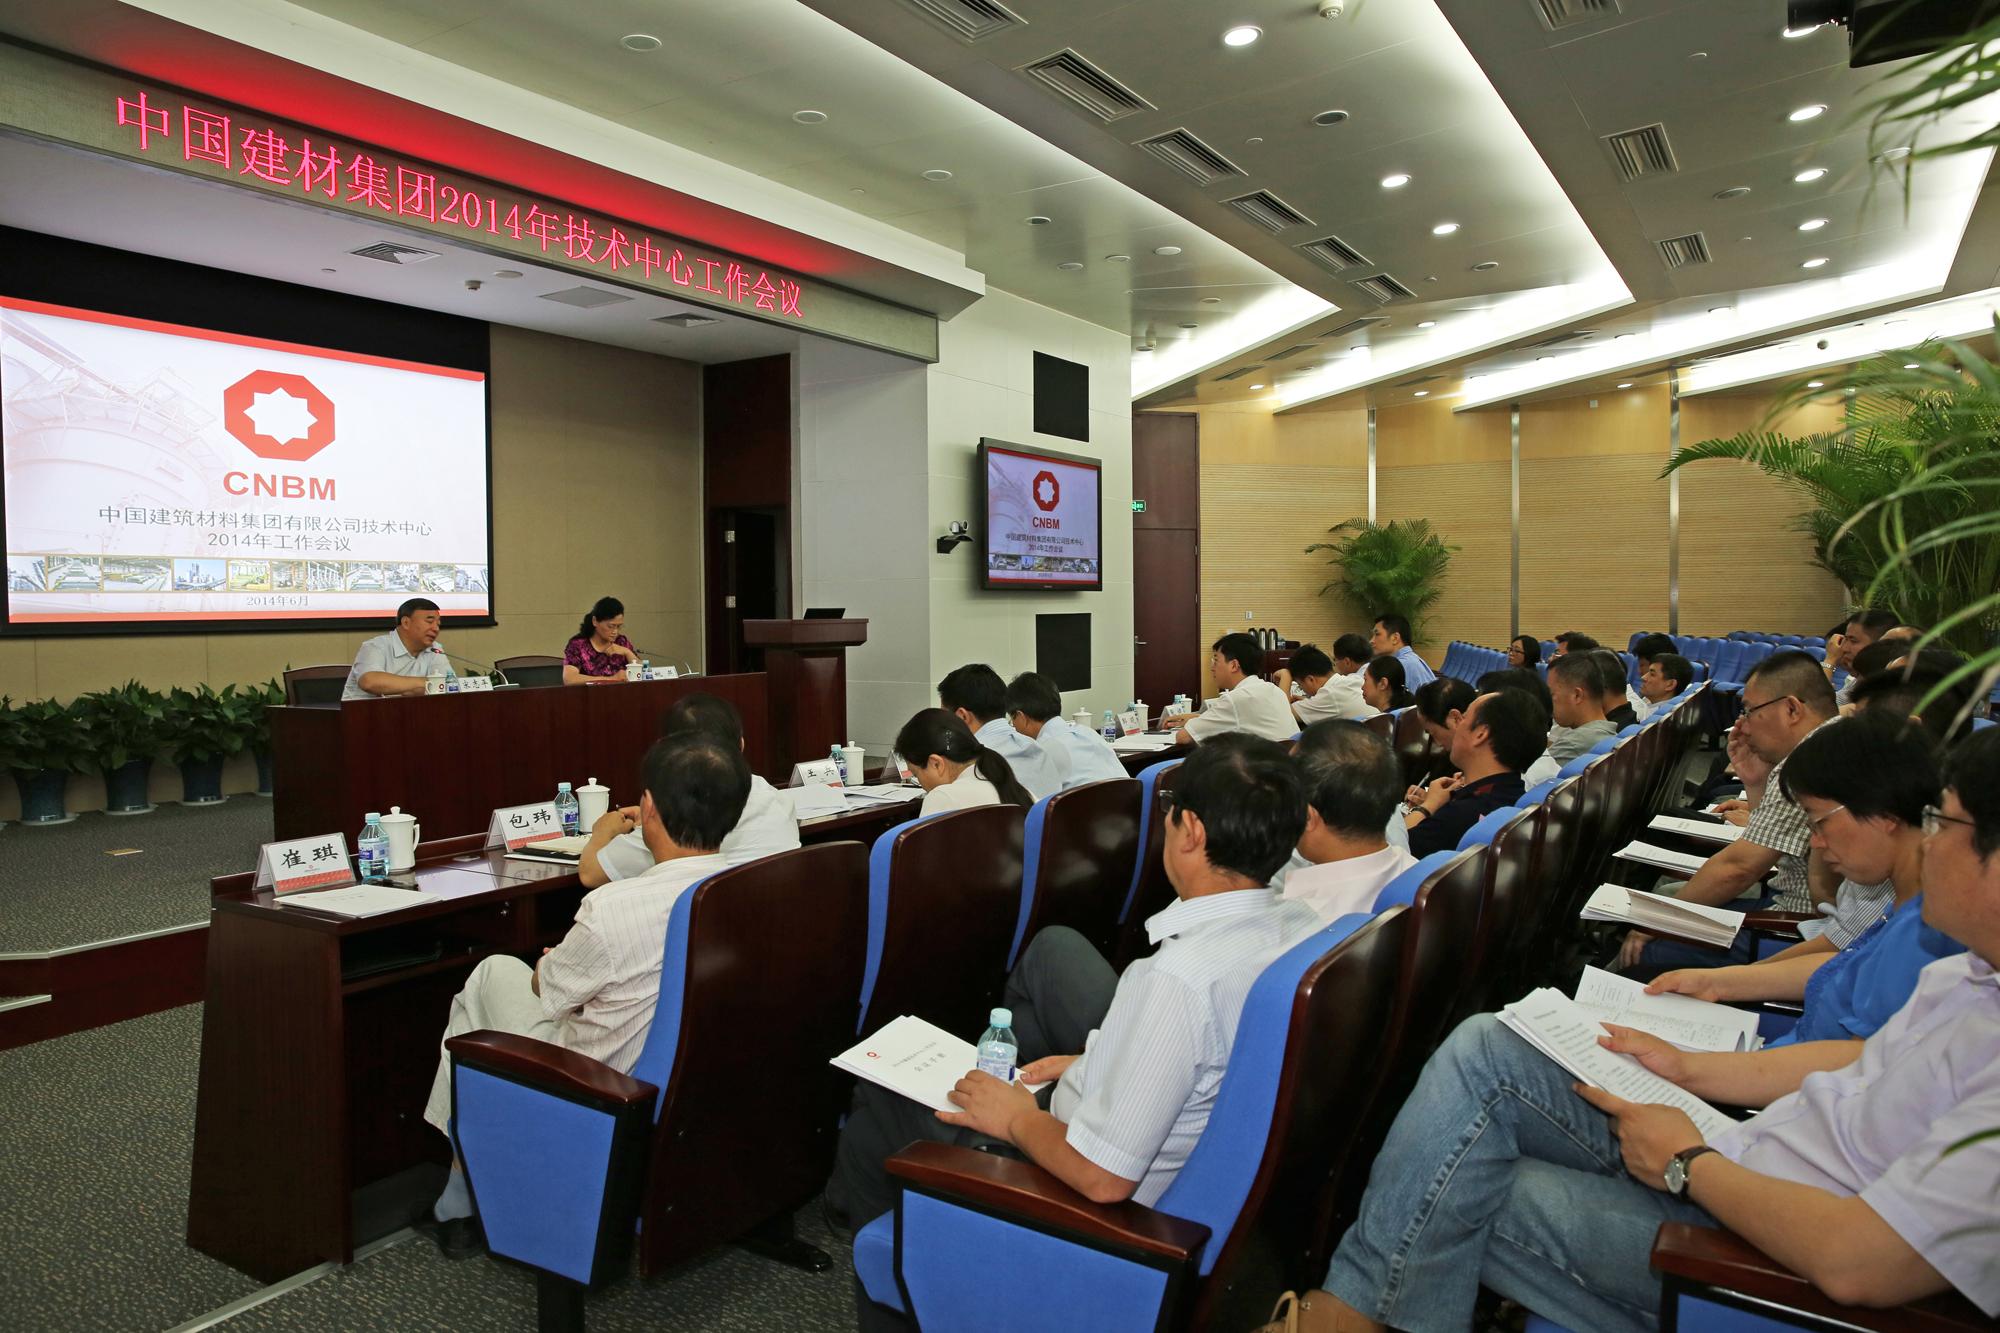 lehu66乐虎国际集团2014年技术中心工作会议召开